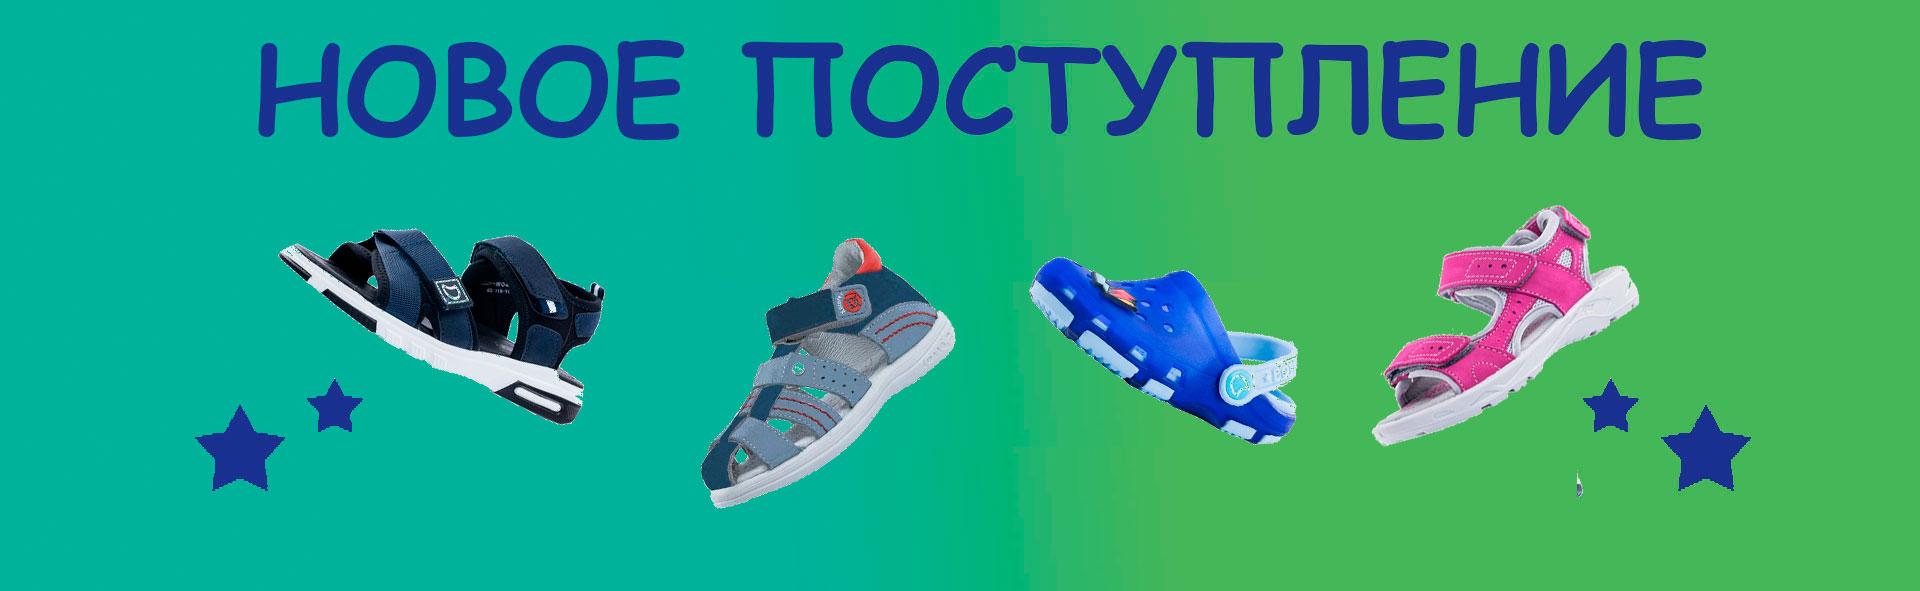 018d381b9 обувь котофей, детская обувь, интернет-магазин котофей